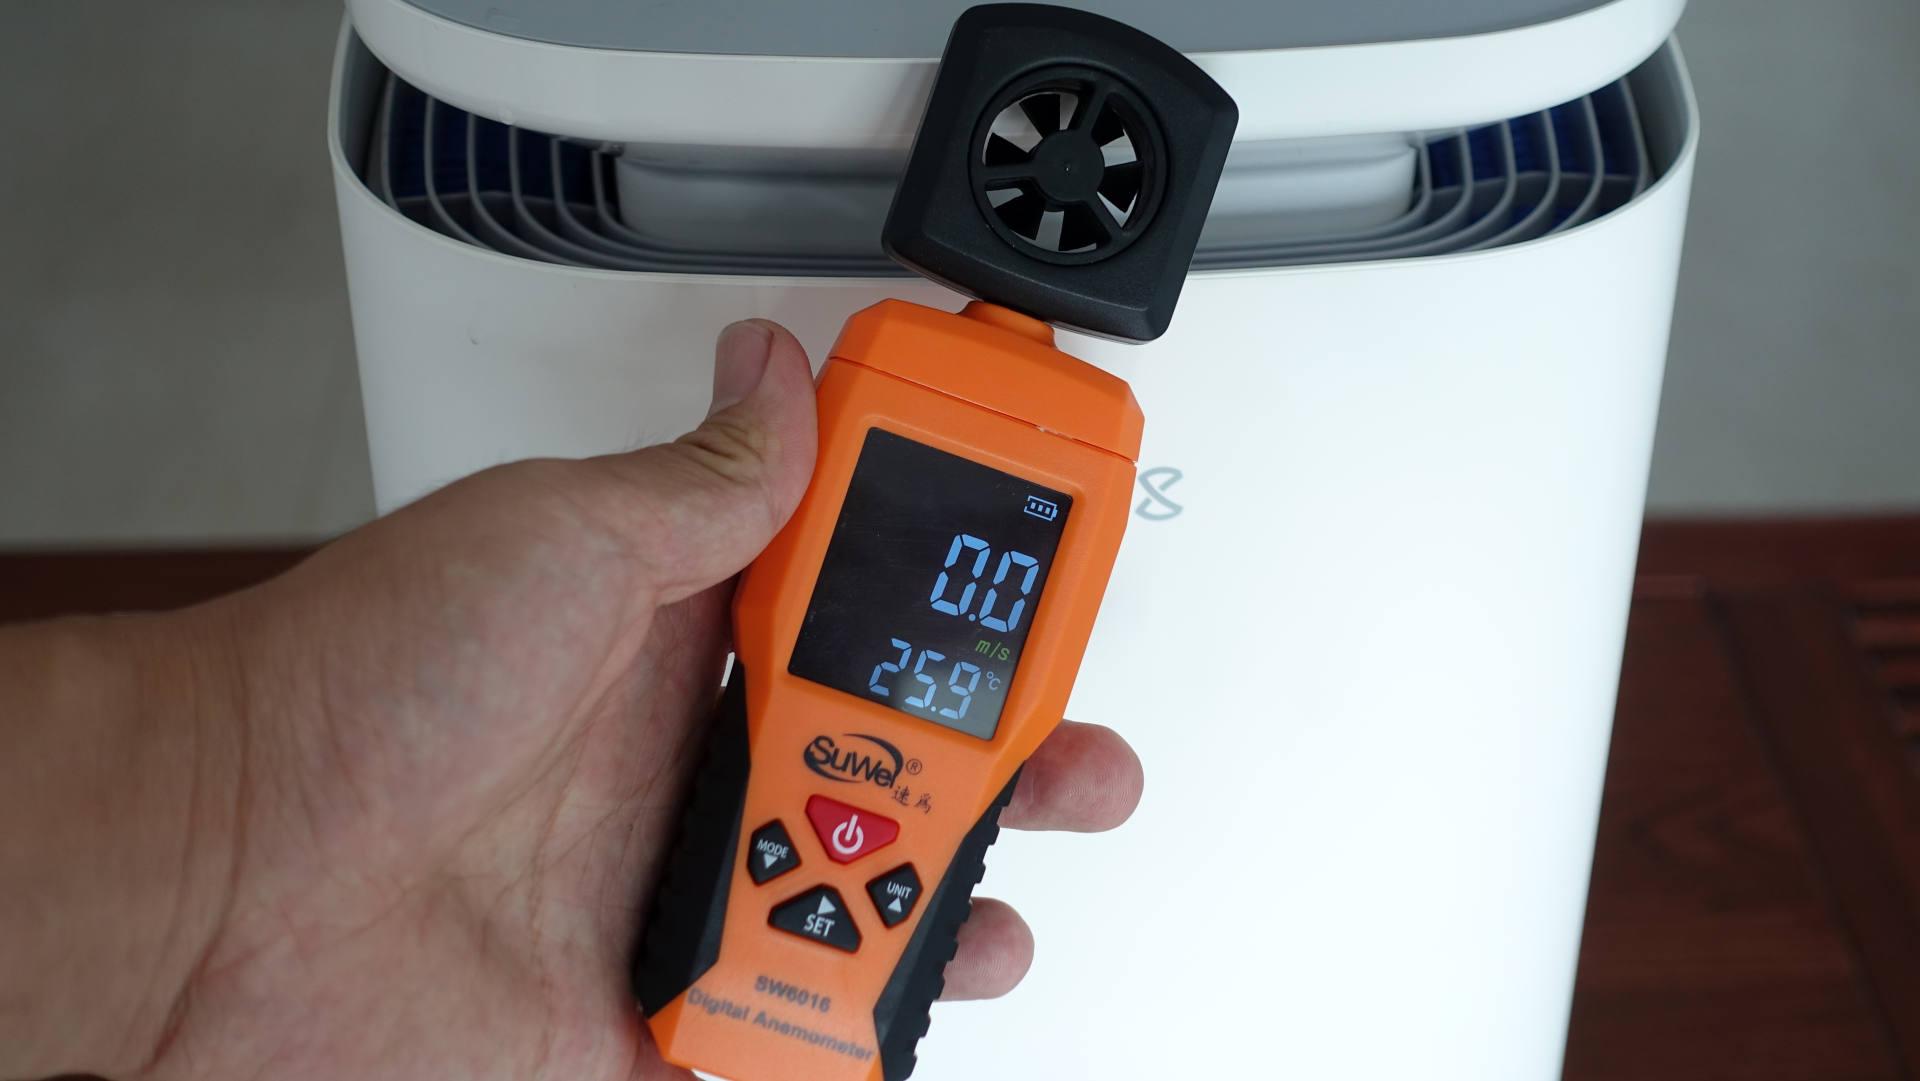 阿尔卡司T700体验�Q�既可以加湿又可以净化的无雾加湿�? inline=